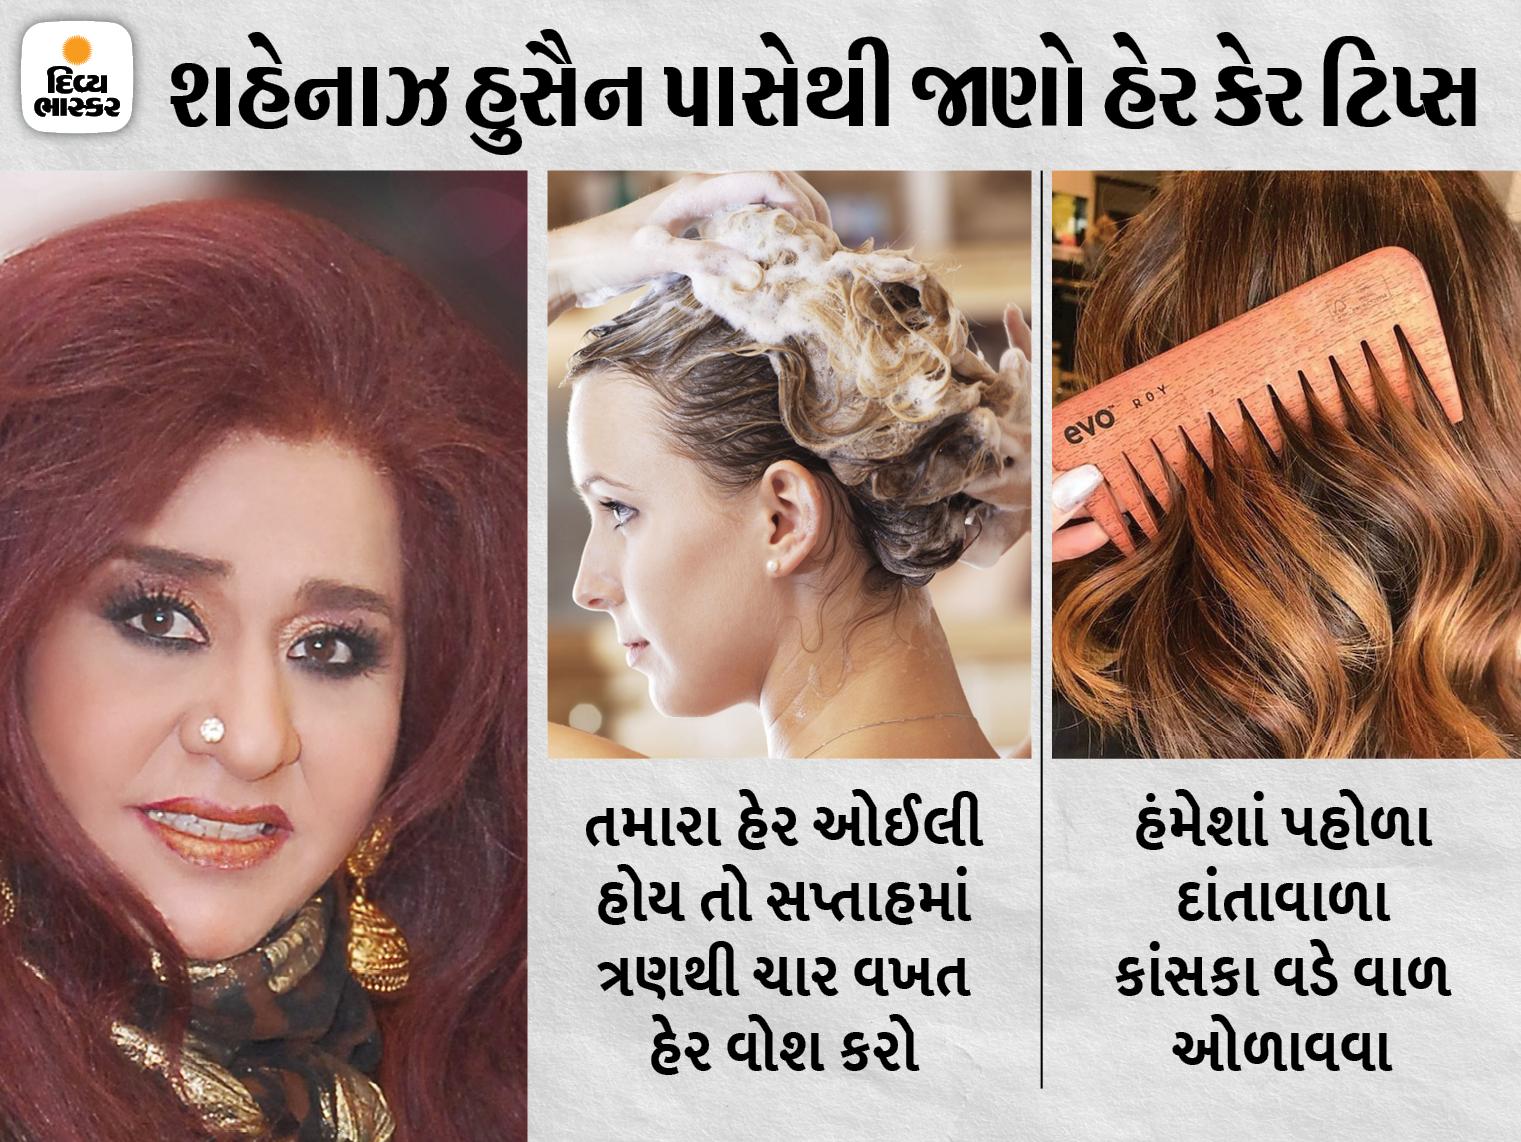 શહેનાઝ હુસૈન પાસેથી જાણો વાળની સંભાળ રાખવાની સરળ રીત, ઓઈલી હેરમાં ક્રીમવાળુ કન્ડિશનર લગાવવાનું ટાળવું|લાઇફસ્ટાઇલ,Lifestyle - Divya Bhaskar